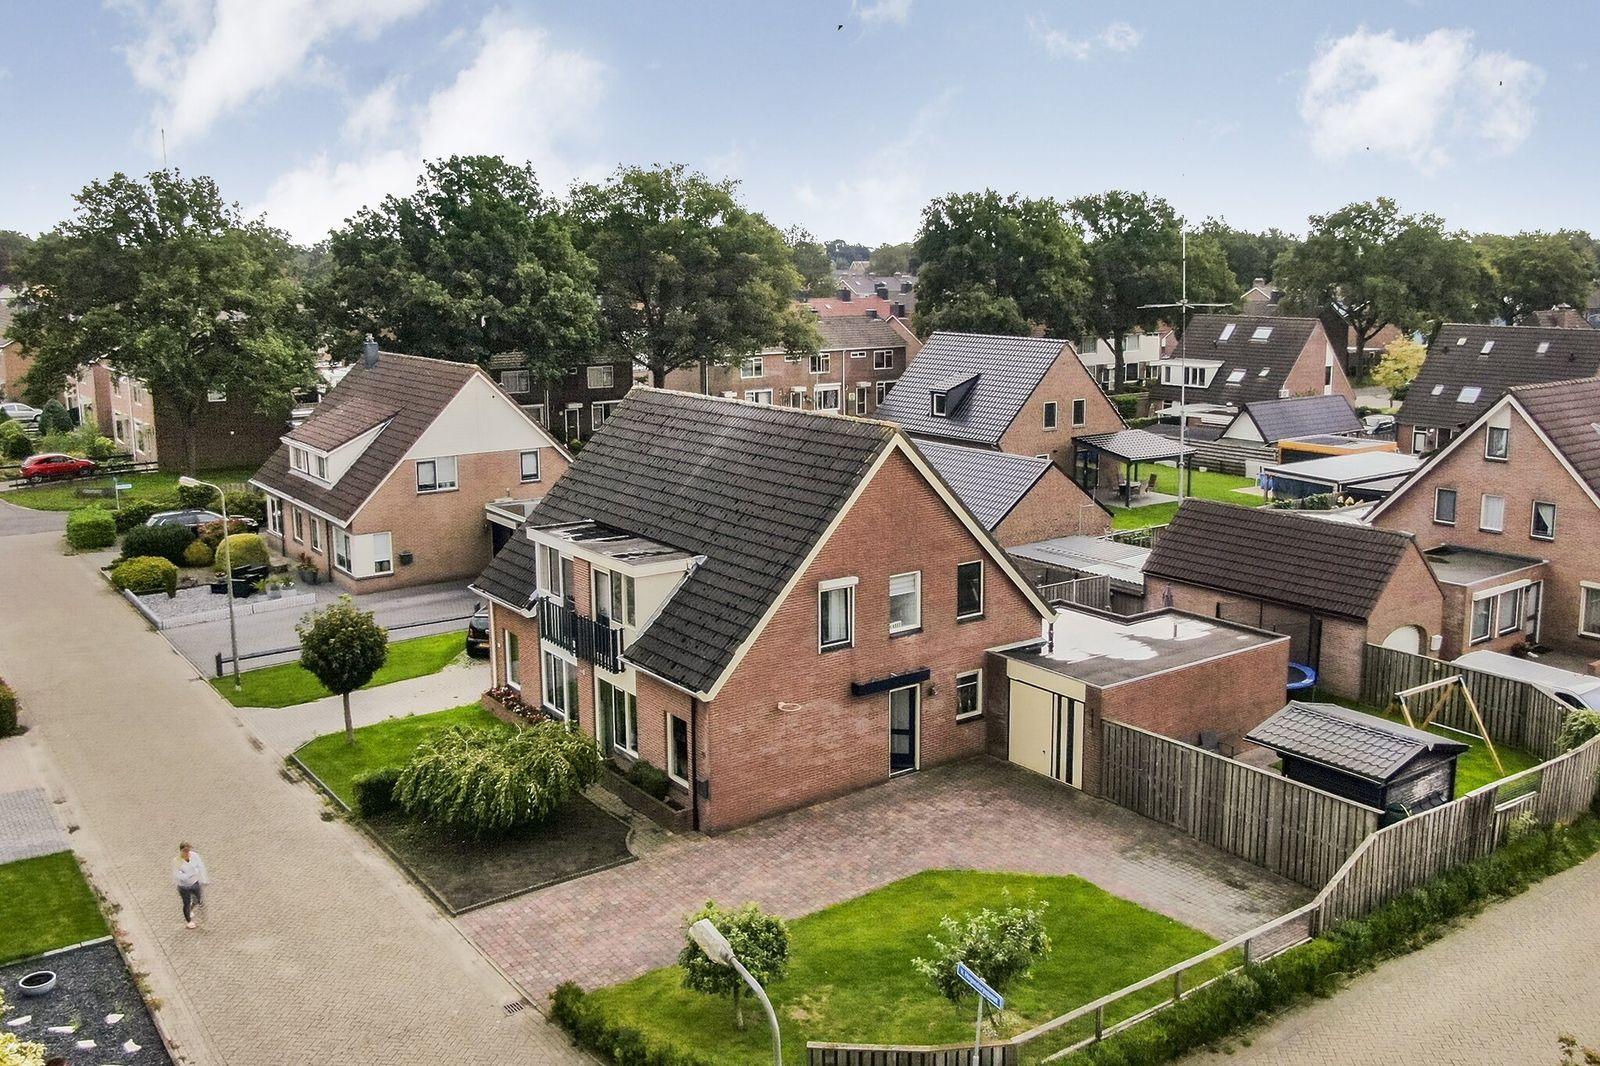 Van Hogendorpstraat 41, Veenoord